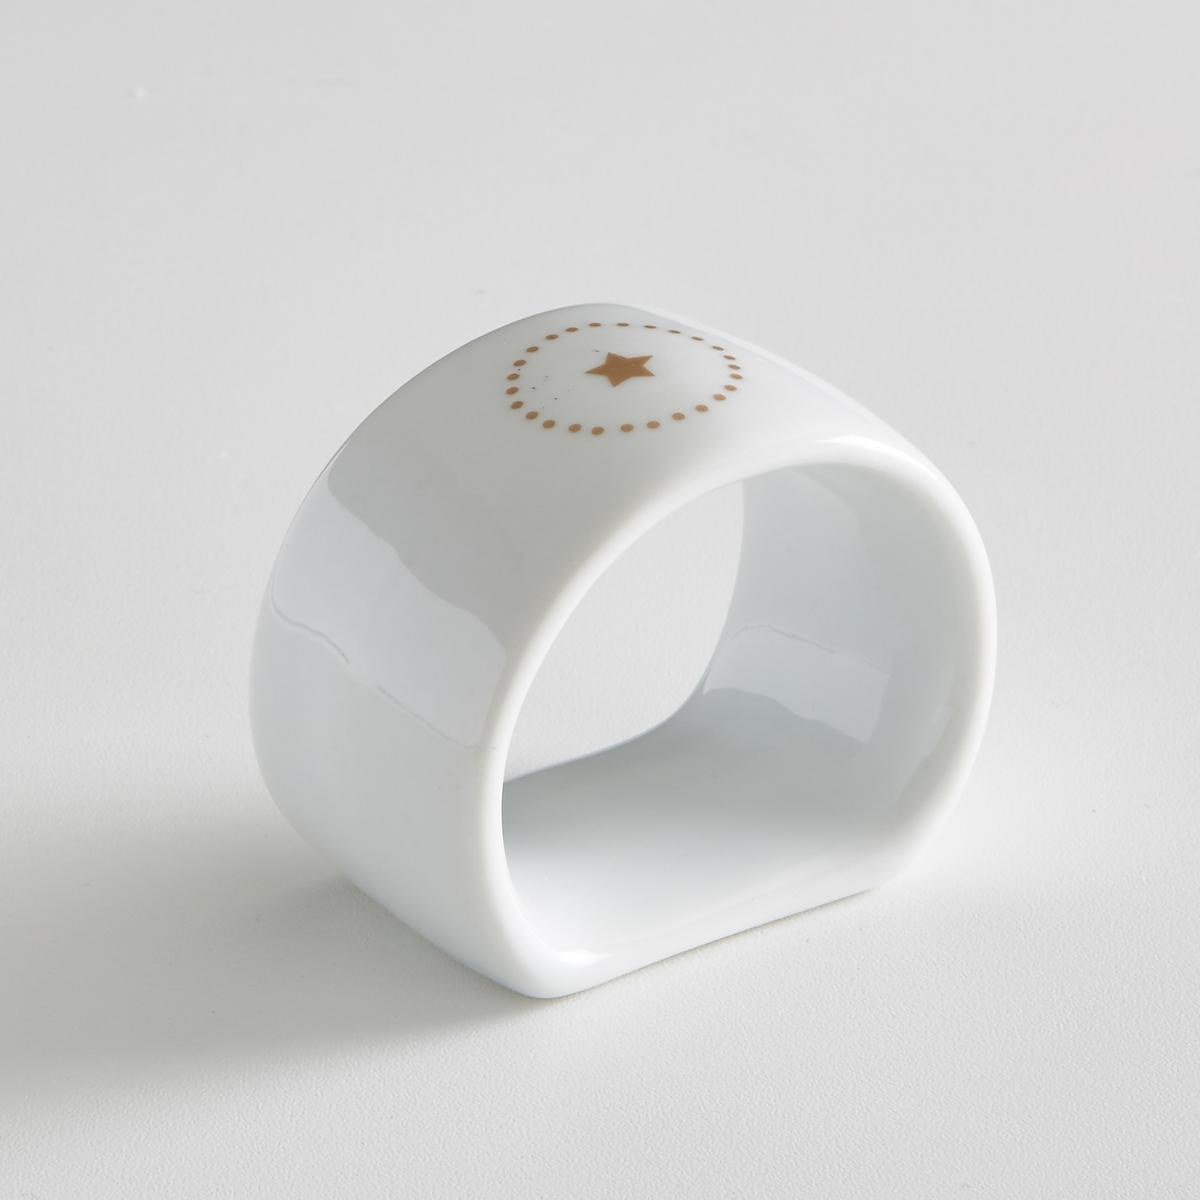 Комплект из 4 колец для салфеток, KUBLERОписание:4 кольца для салфеток из фарфора Kubler. Благородный фарфор в сочетании с оригинальными рисунками создают невероятно модный столовый аксессуар. Рисунок звезда сбоку с принтом в горошек вокруг.    Плоский низ.Характеристики 4 колец для салфеток  Kubler  : •  Кольца для салфеток из фарфора  •  Диаметр : 5, 2 см •  Использование в посудомоечной машине и микроволновой печи запрещено •  В комплекте 4 кольцаНайдите комплект посуды Kubler на нашем сайте laredoute.ru<br><br>Цвет: белый